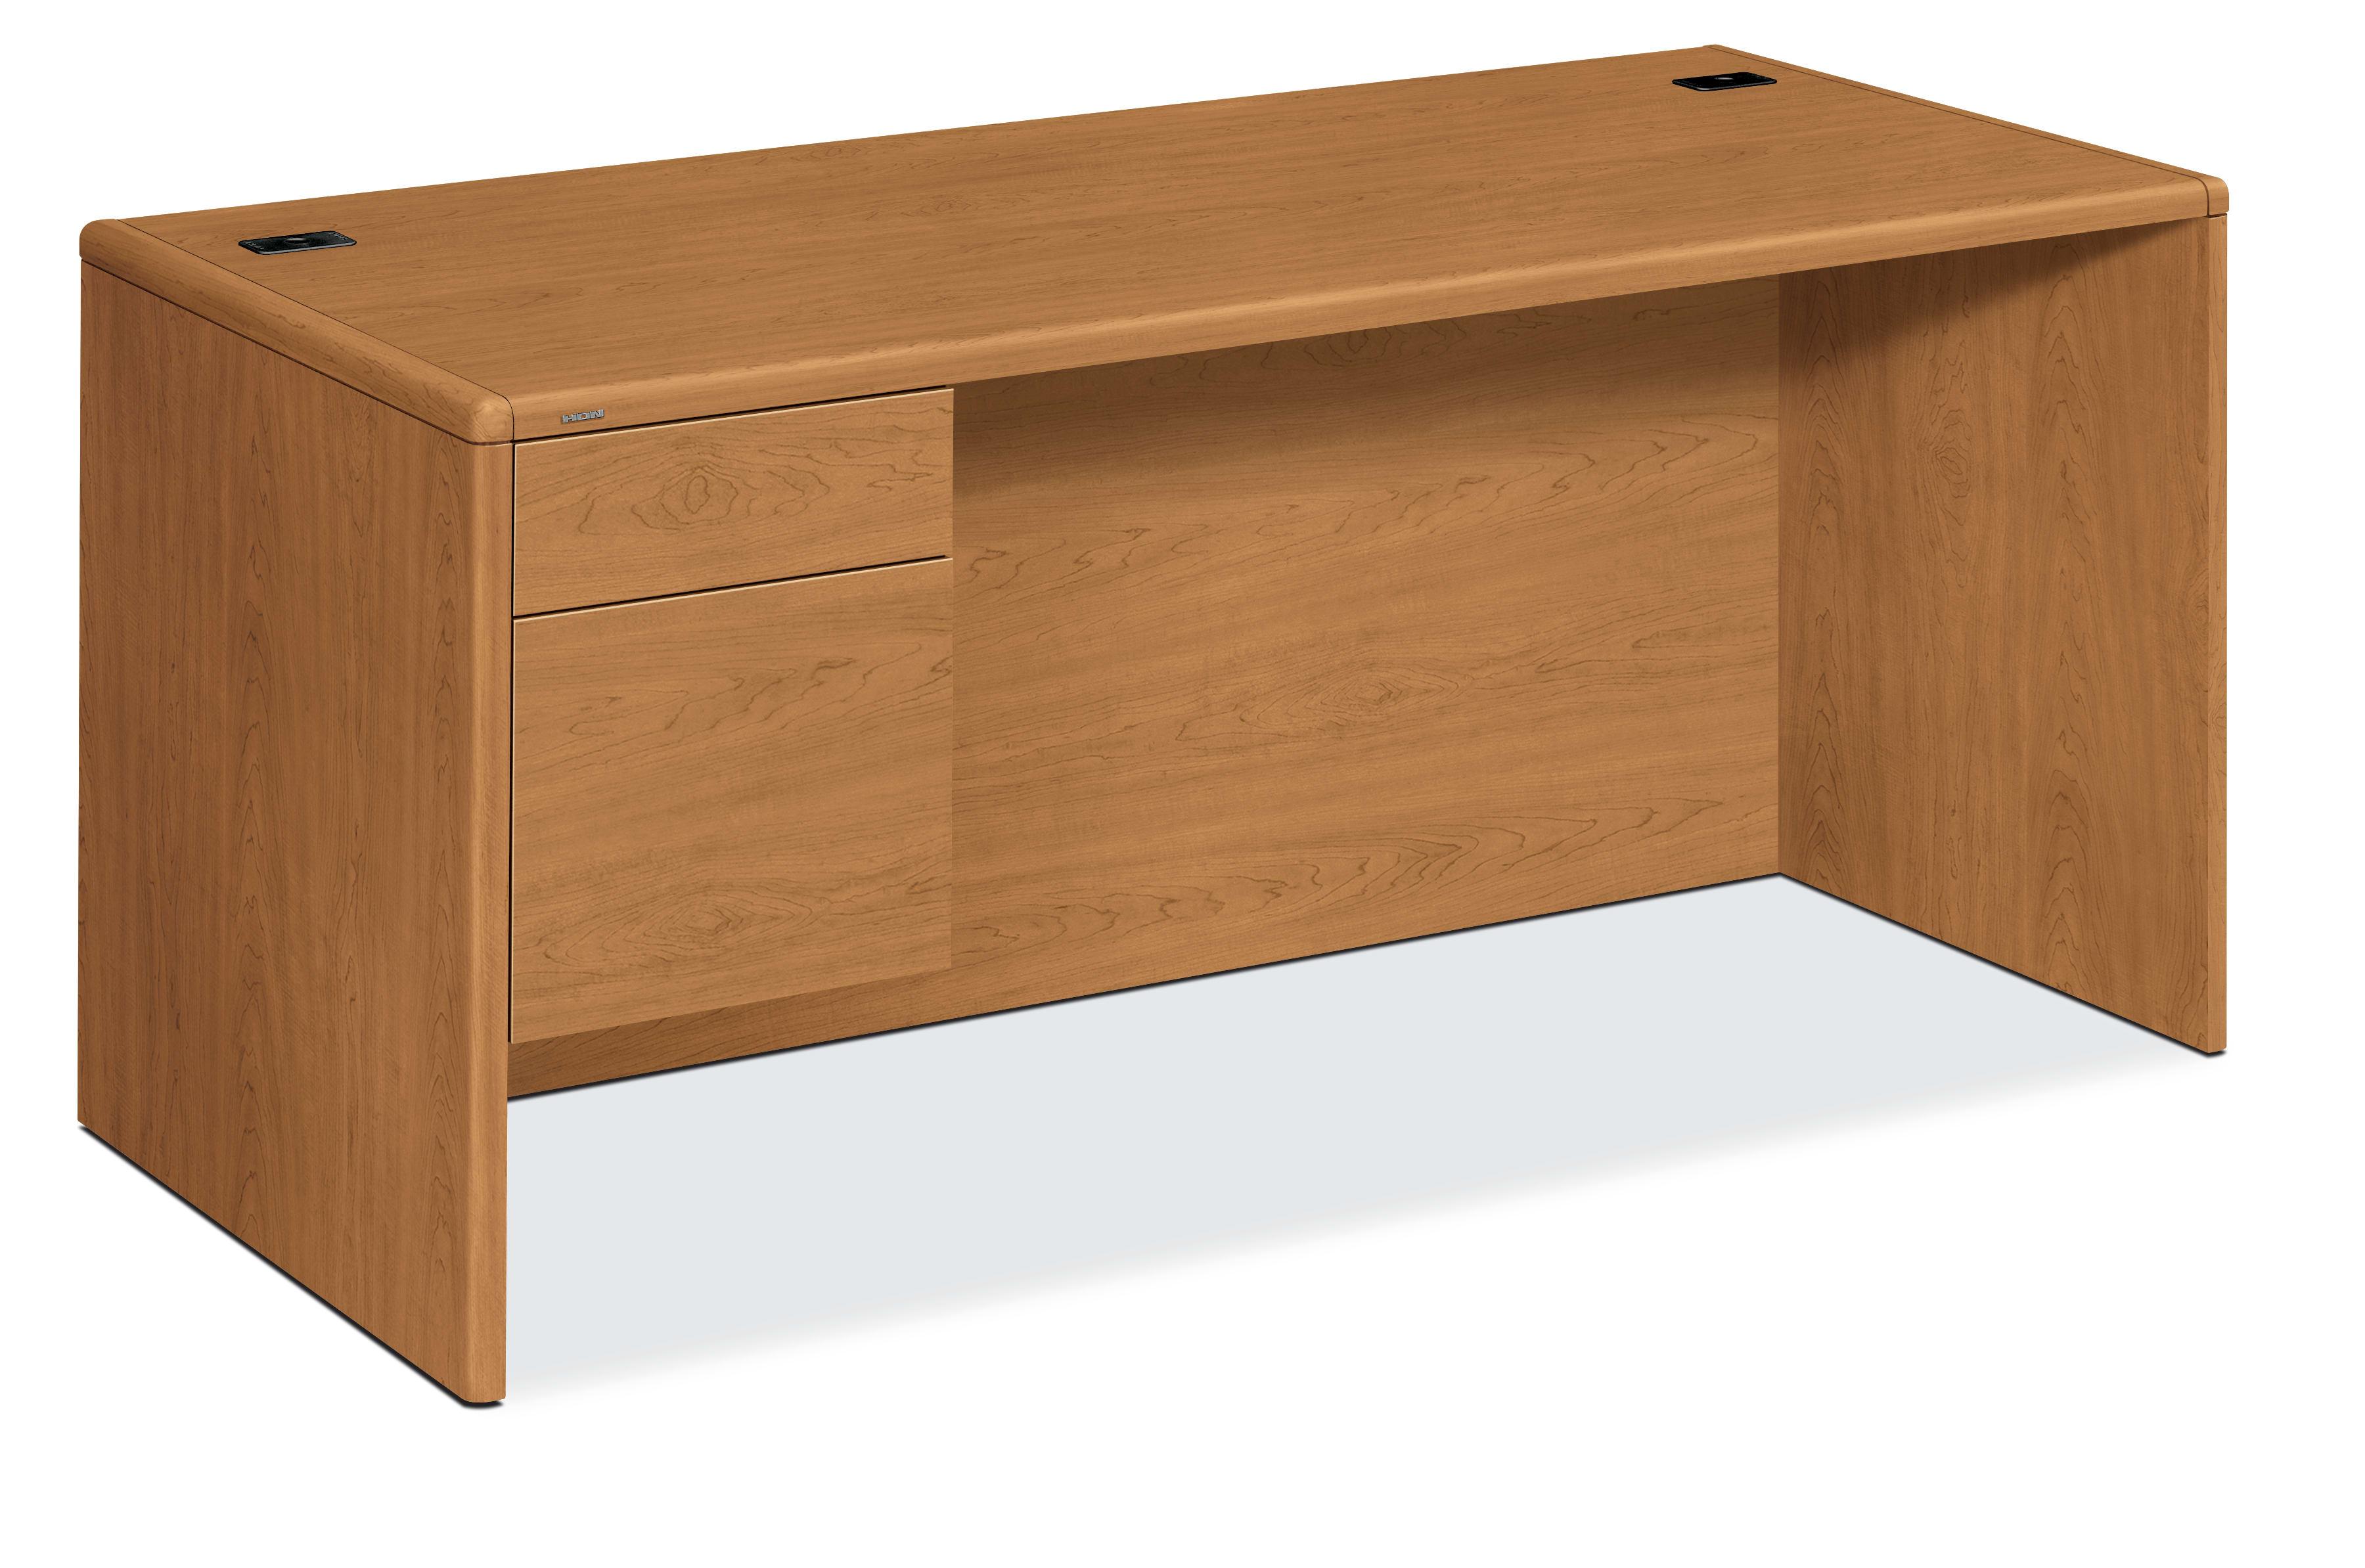 H10784l Cc Hon Office Furniture